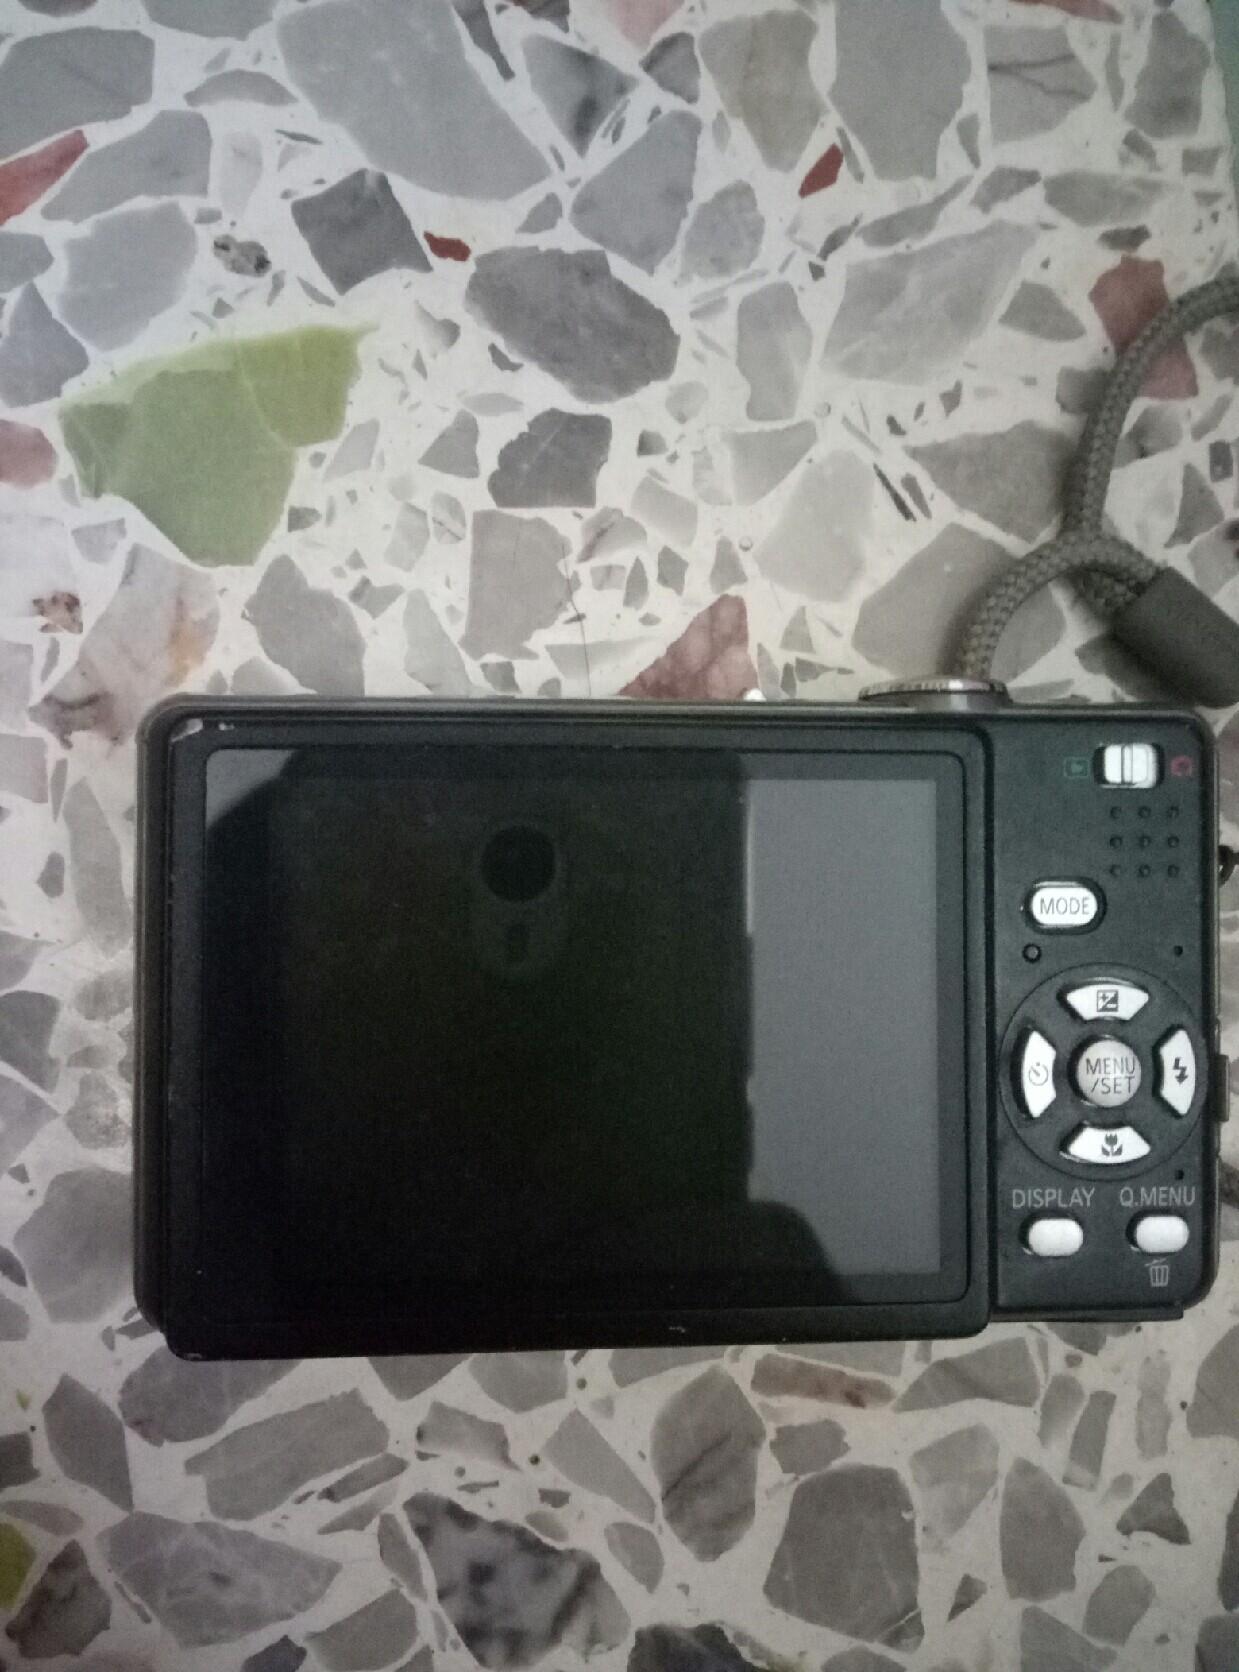 松下DMC-FS7GK数码相机